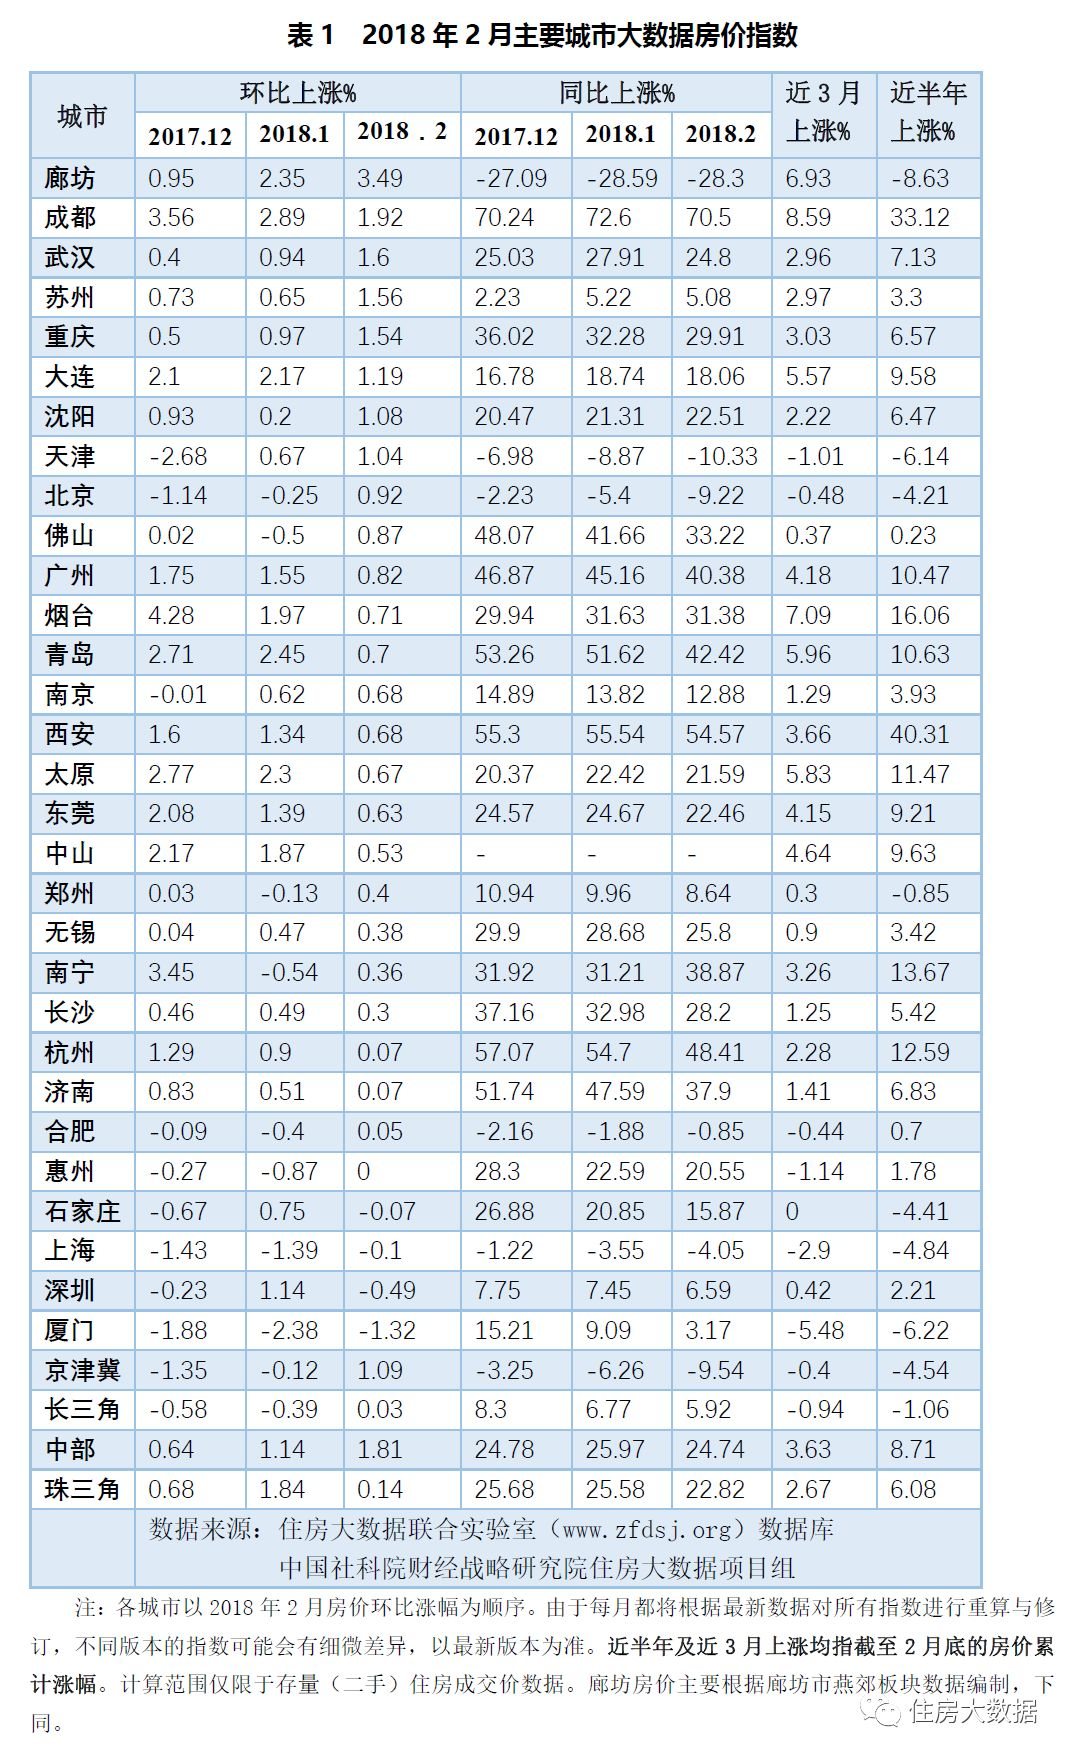 社科院报告:2018年2月北京房价首度止跌,中位数5.5万